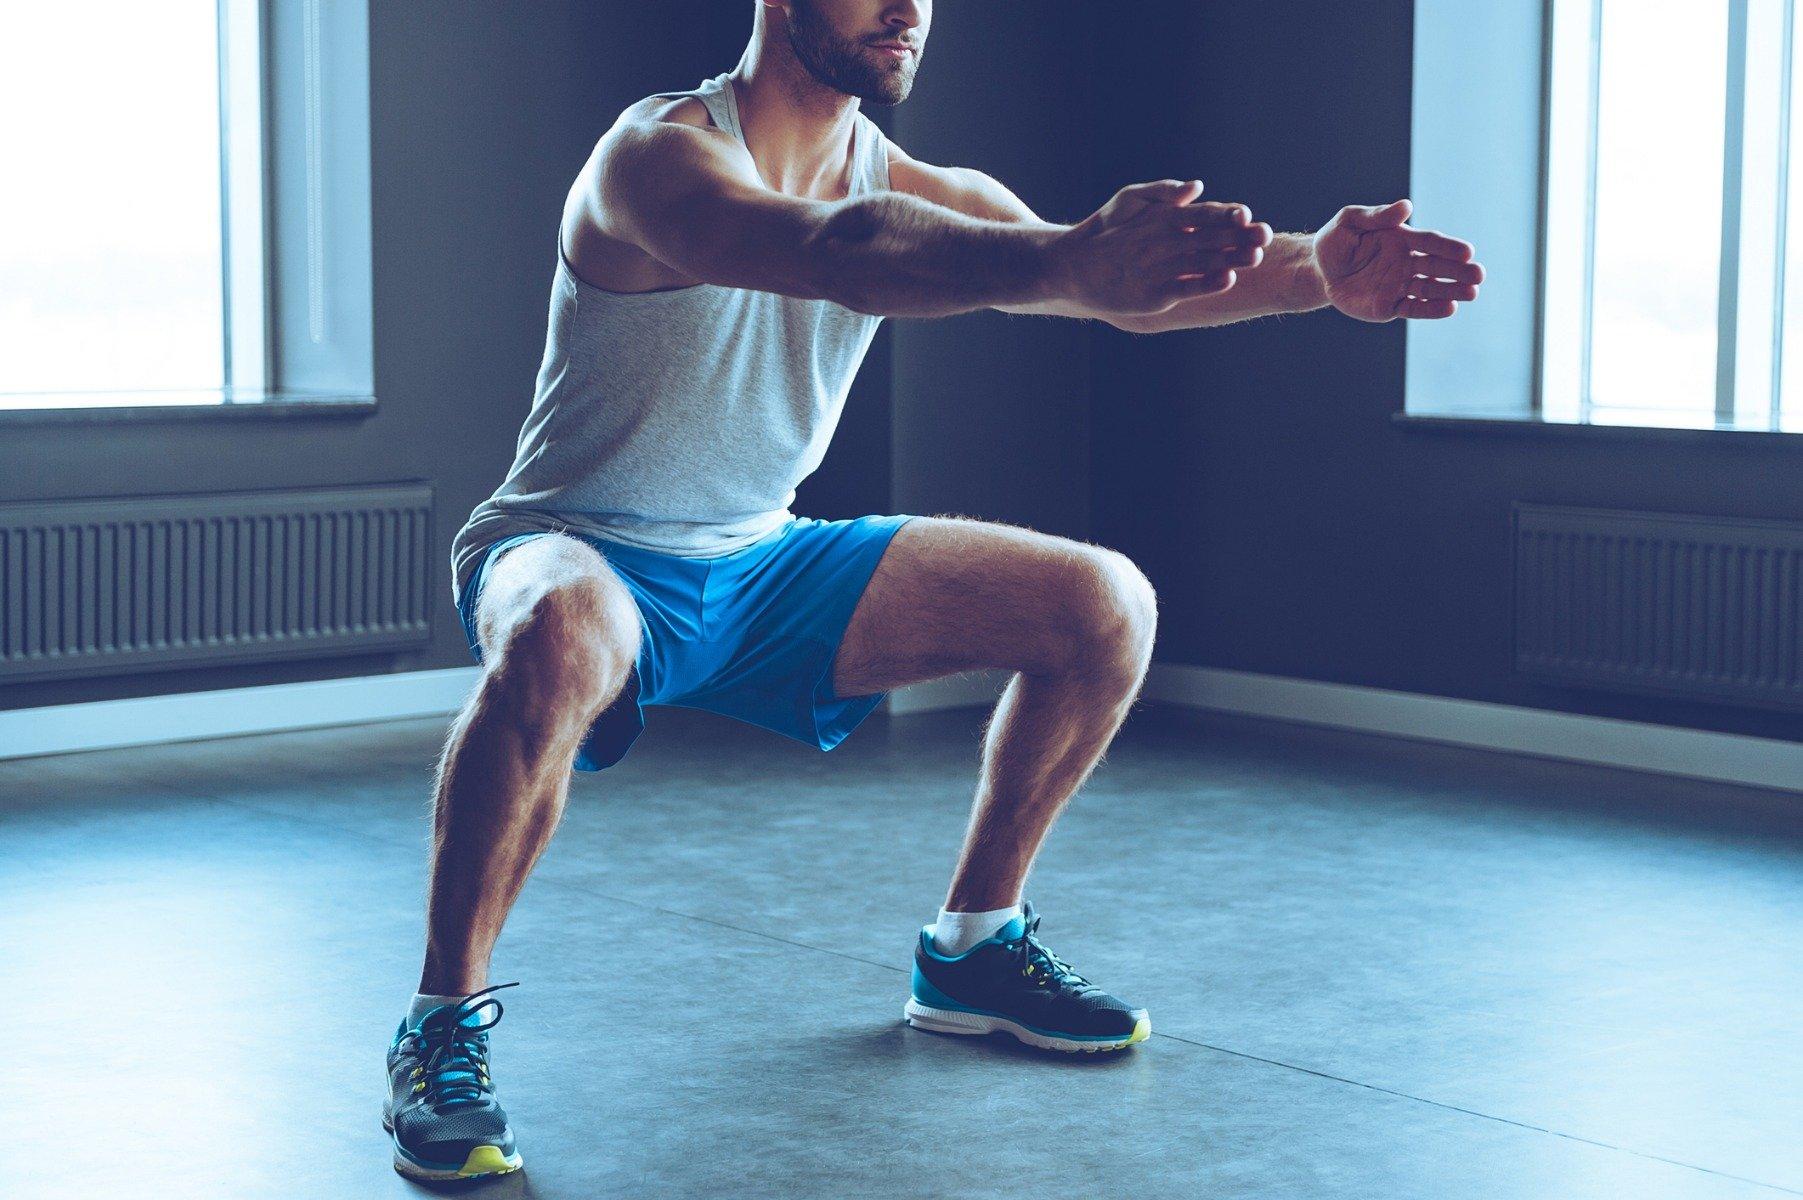 mi okozza az ízületek és izmok sérülését térdízületek fájdalma artrózissal